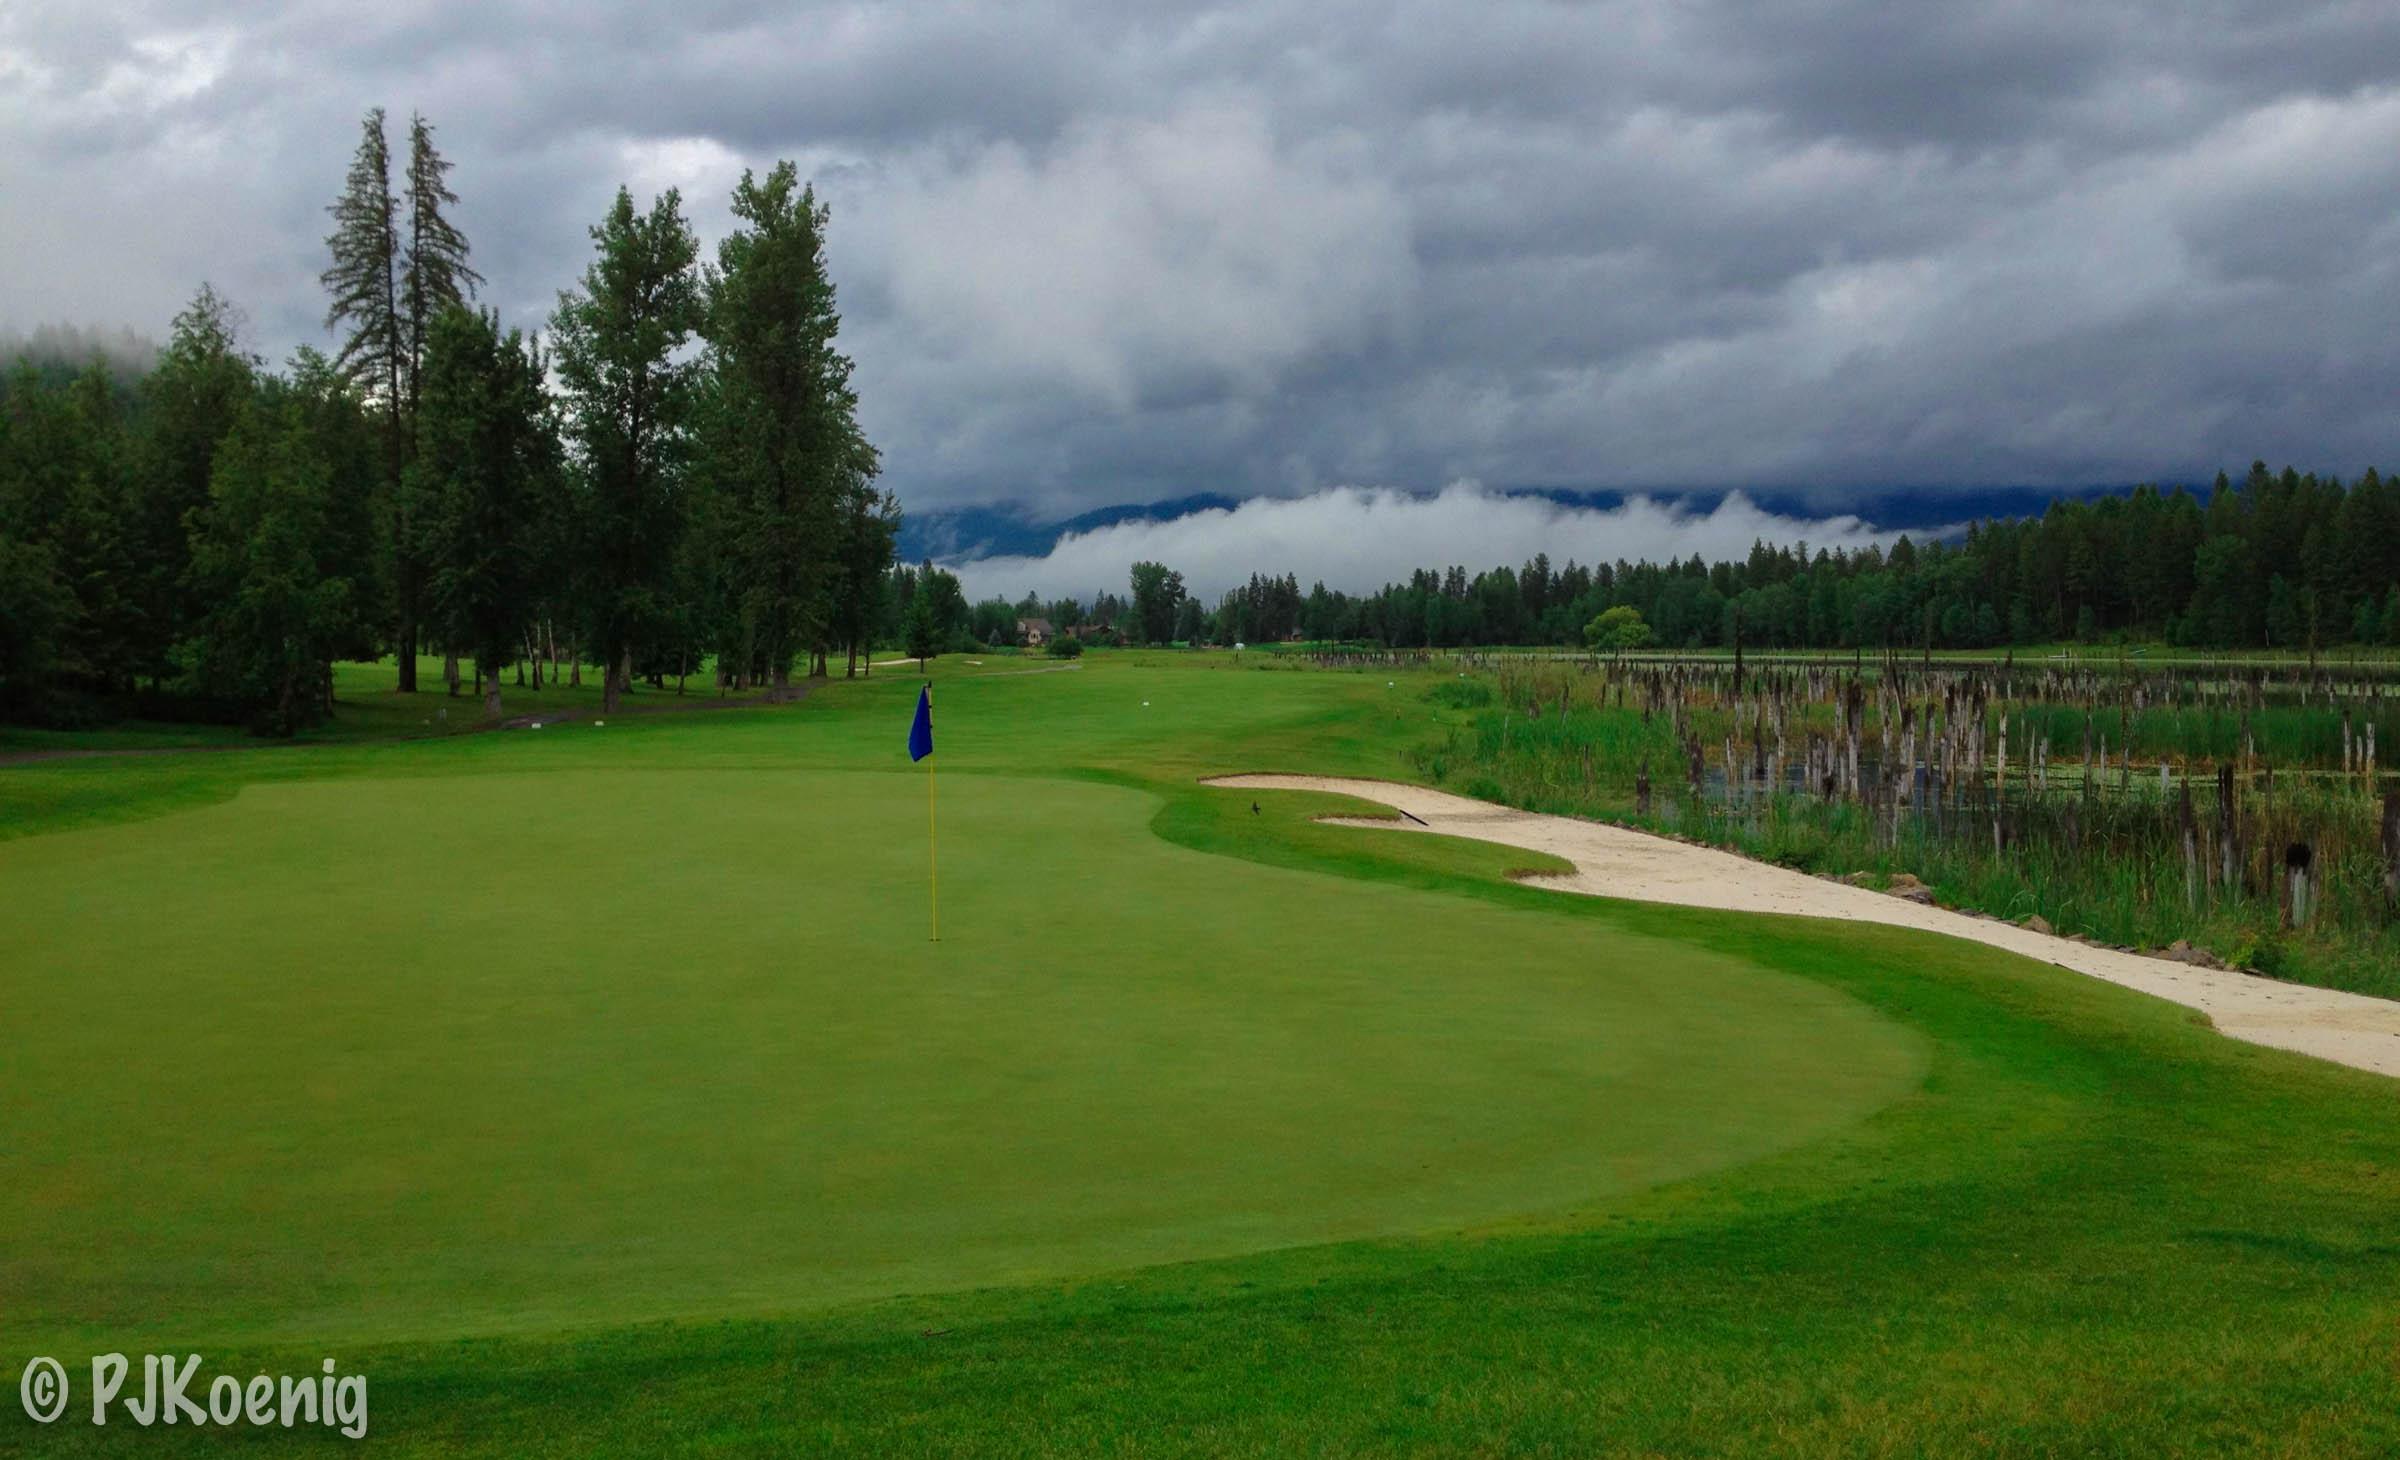 Whitefish Lake GolfClub - Whitefish, MT